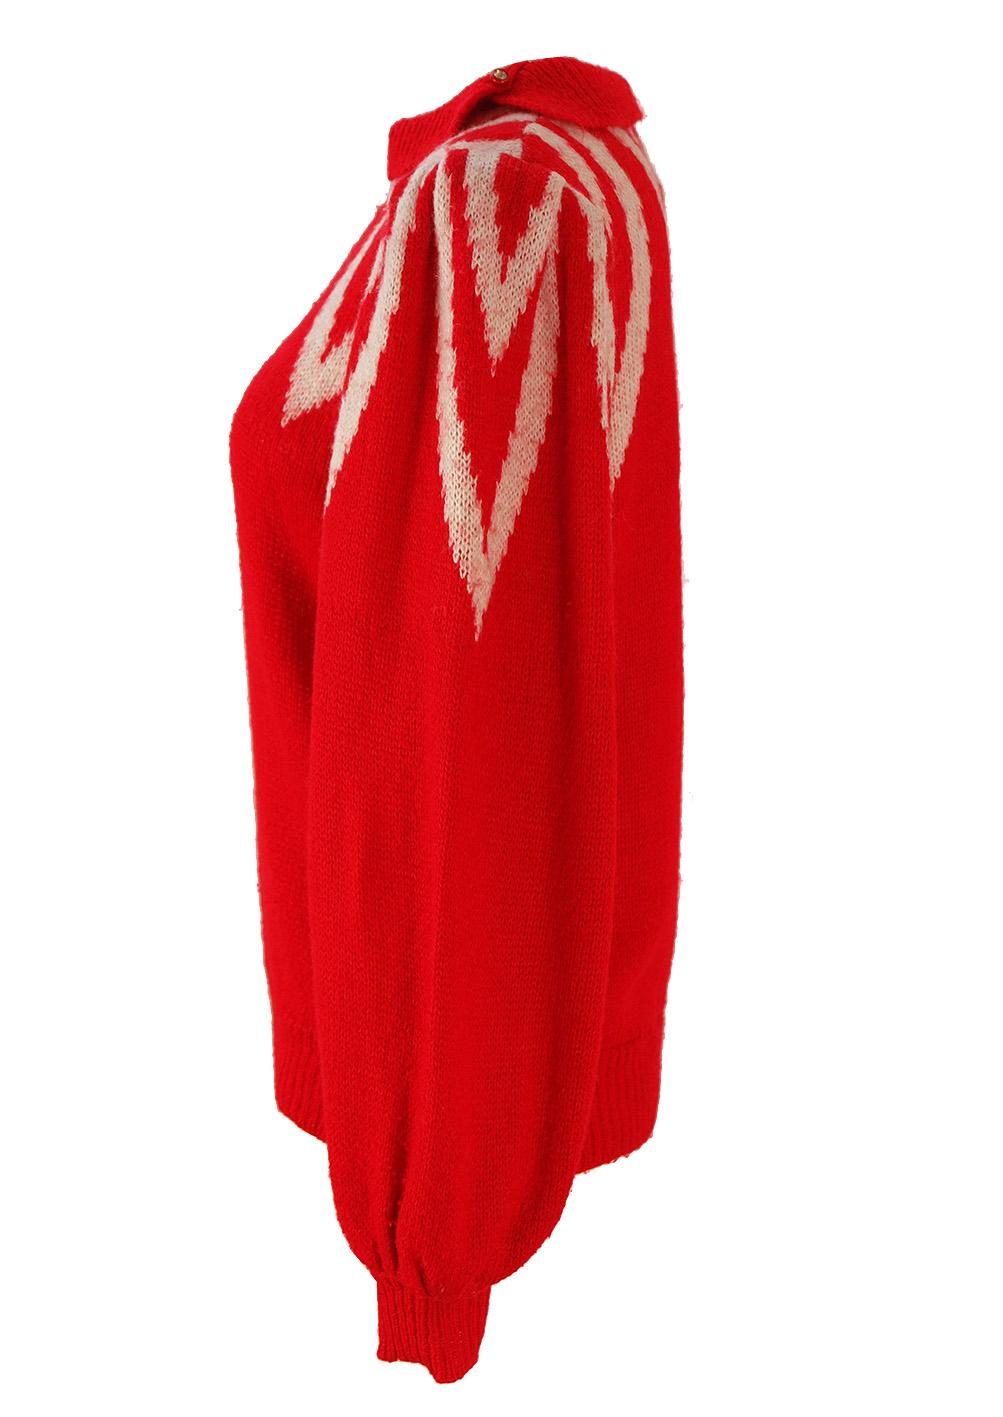 Red Jumper With White Neckline Pattern M Reign Vintage